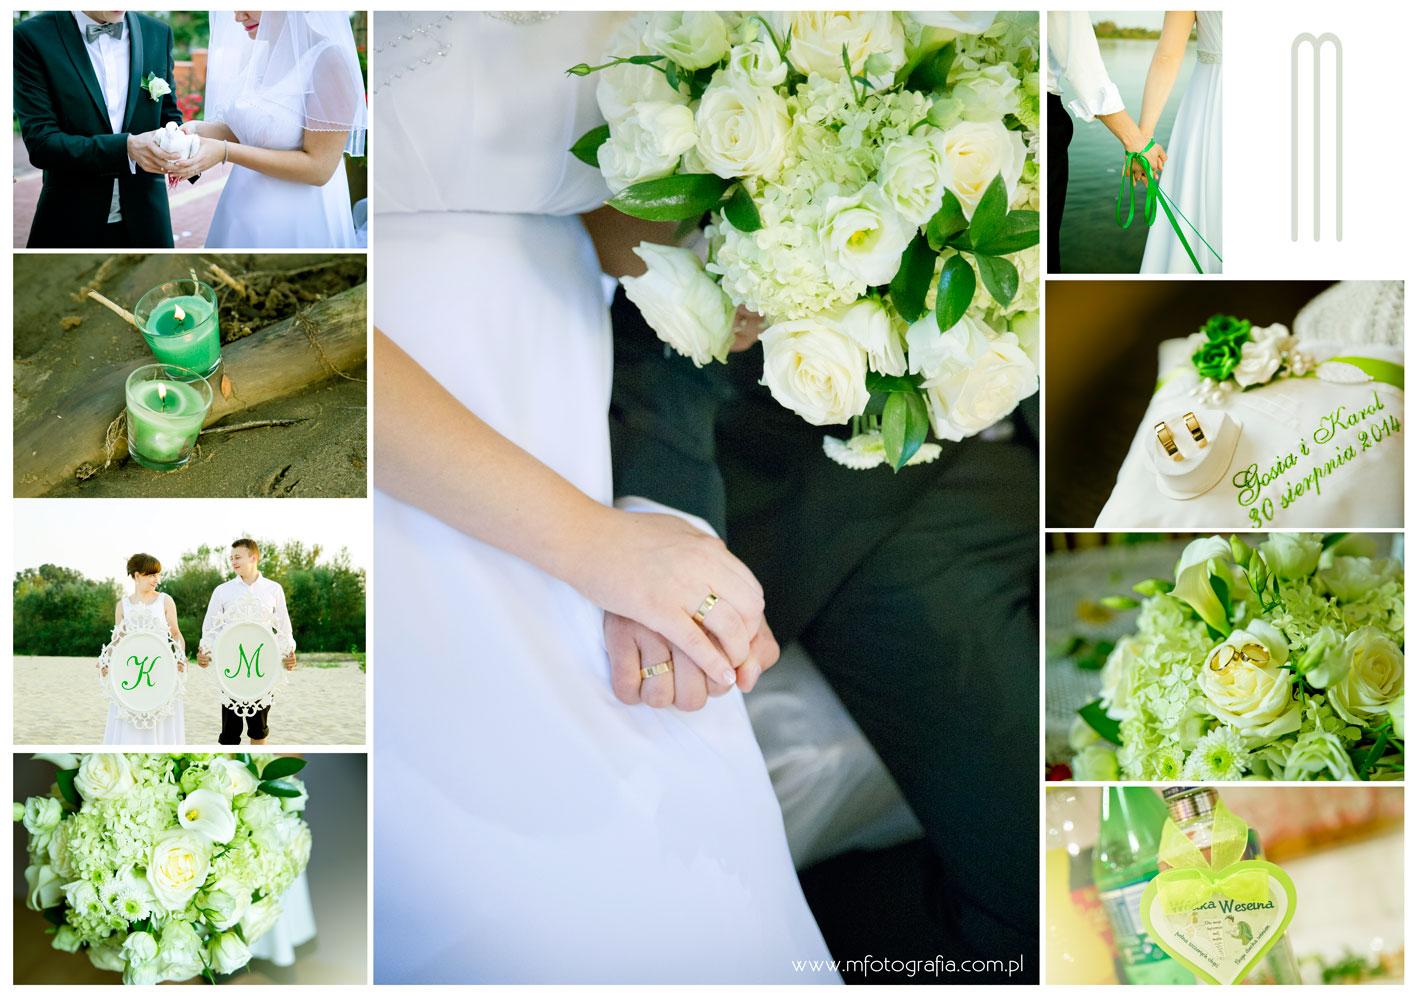 fotografia ślubna - zielone dodatki ślubne